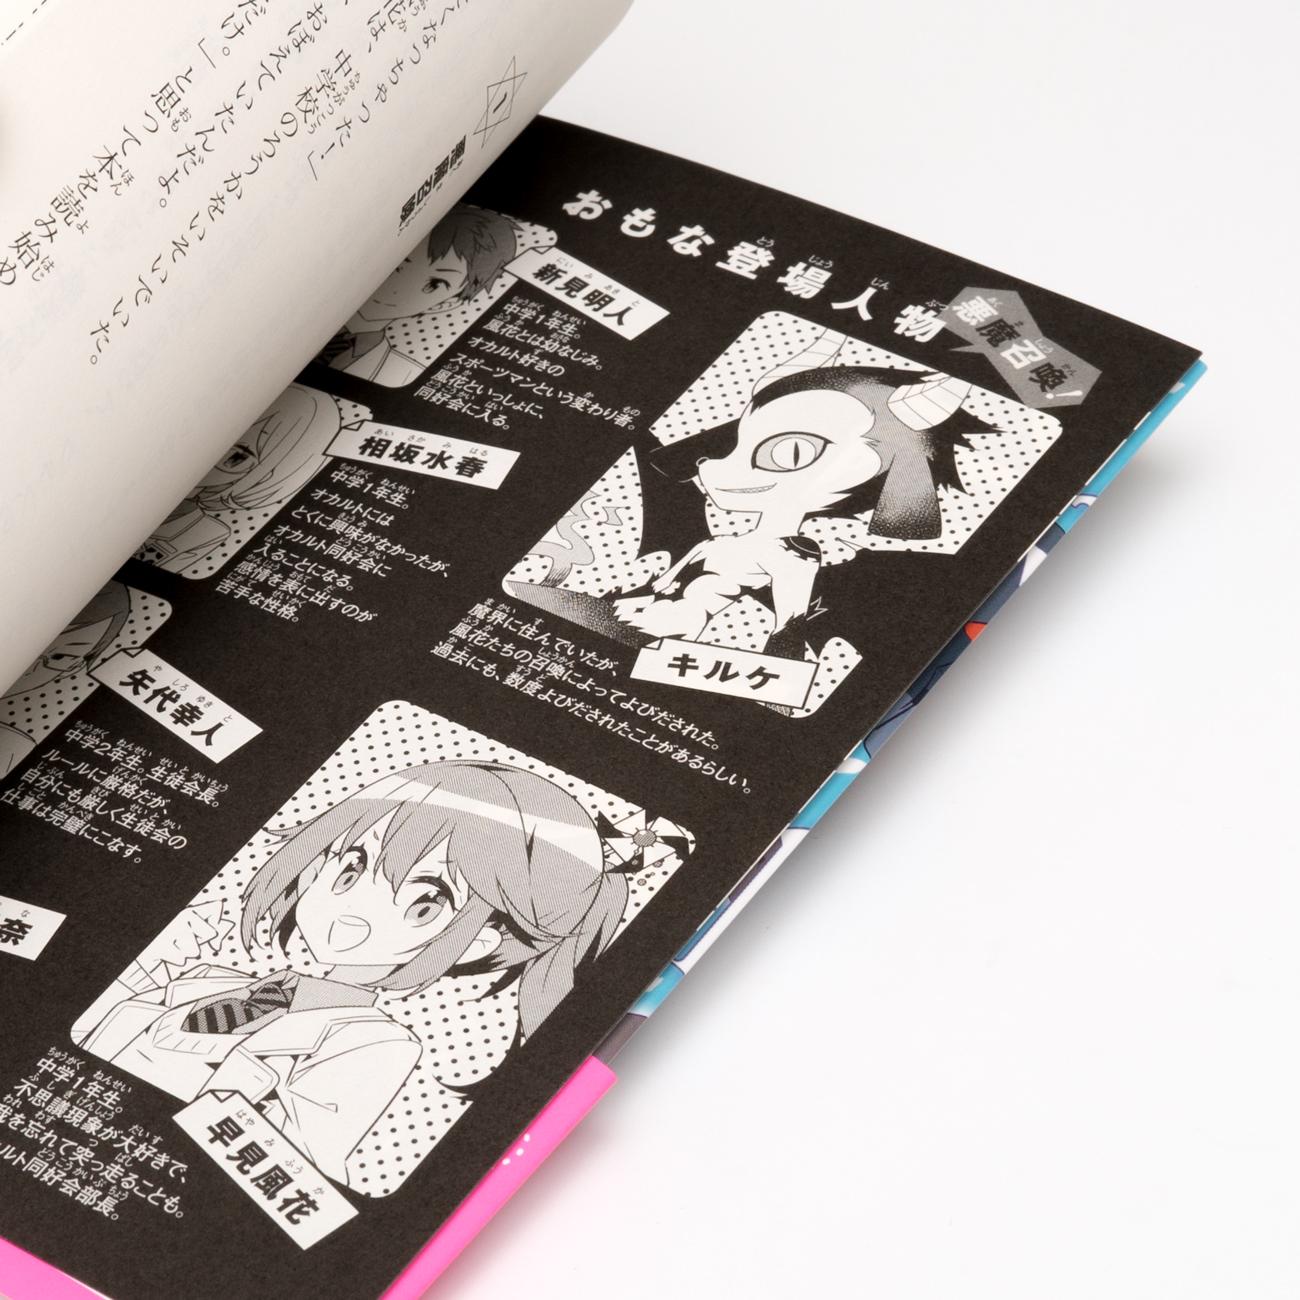 悪魔召喚! | 第1巻 作:秋木真 絵:晴瀬ひろき